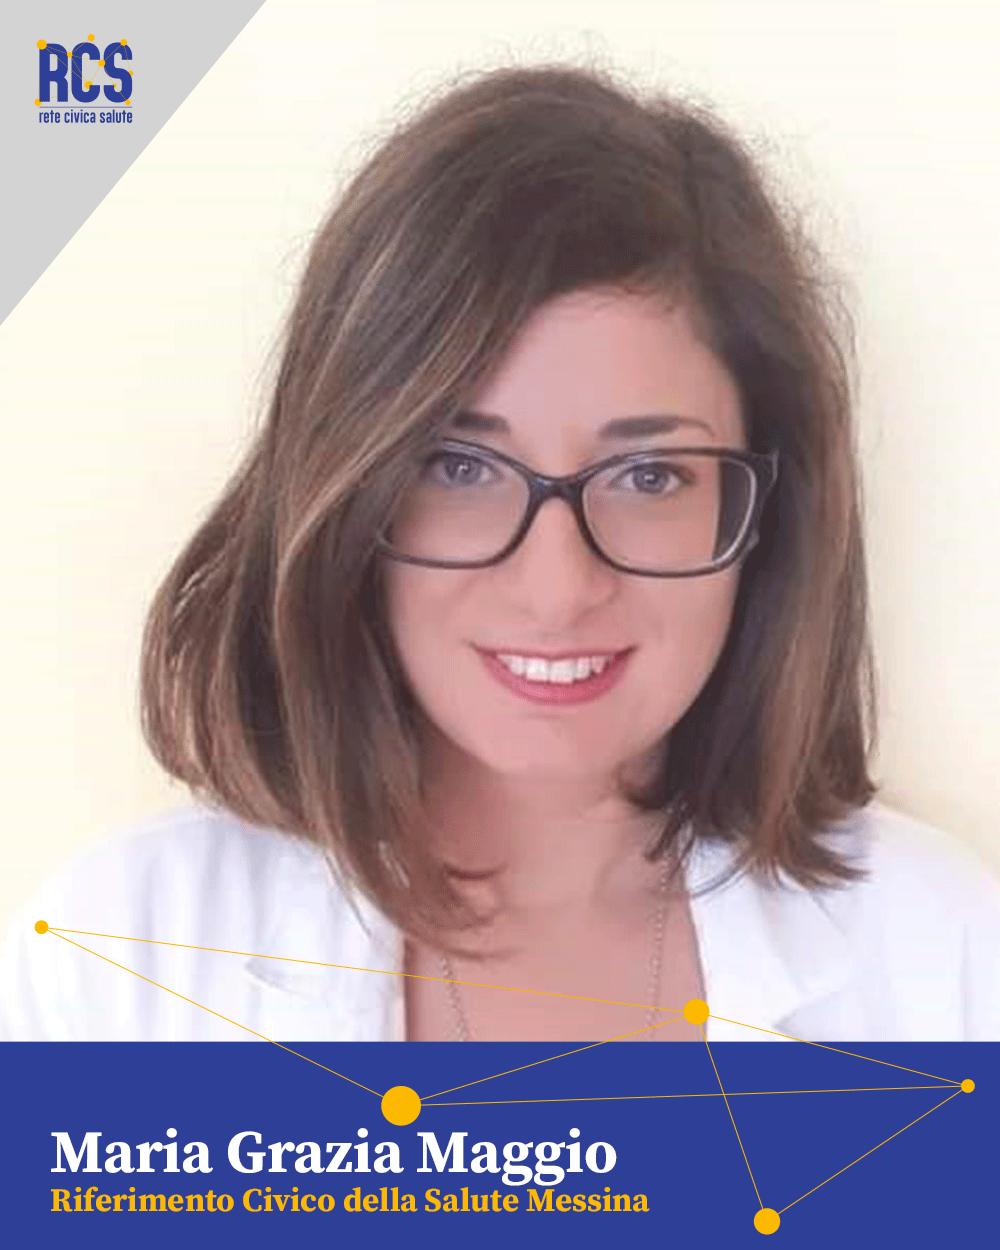 Rete Civica della Salute: Maria Grazia Maggio è il nuovo riferimento civico di Messina